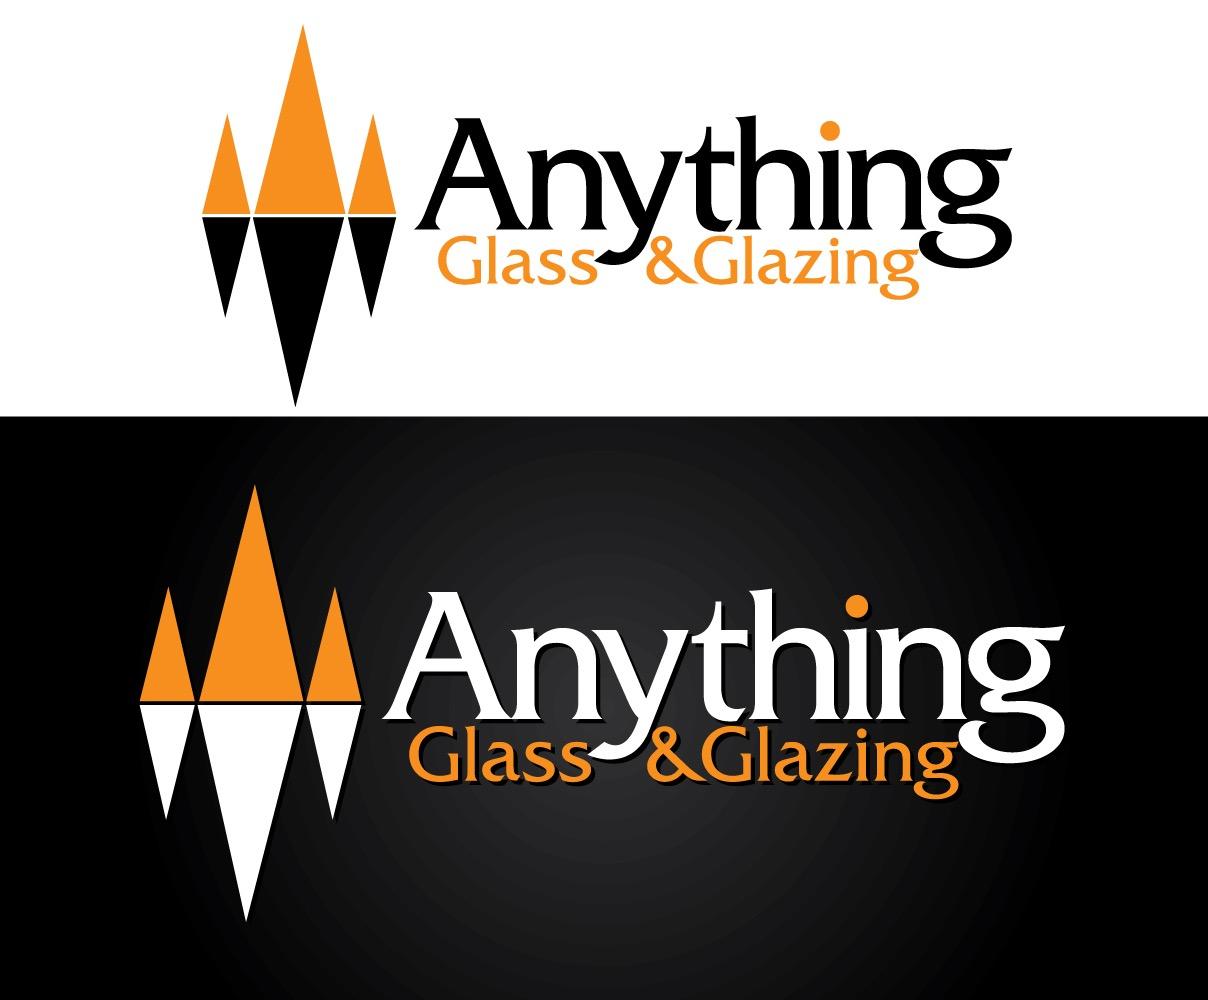 Anything Glass & Glazing logo